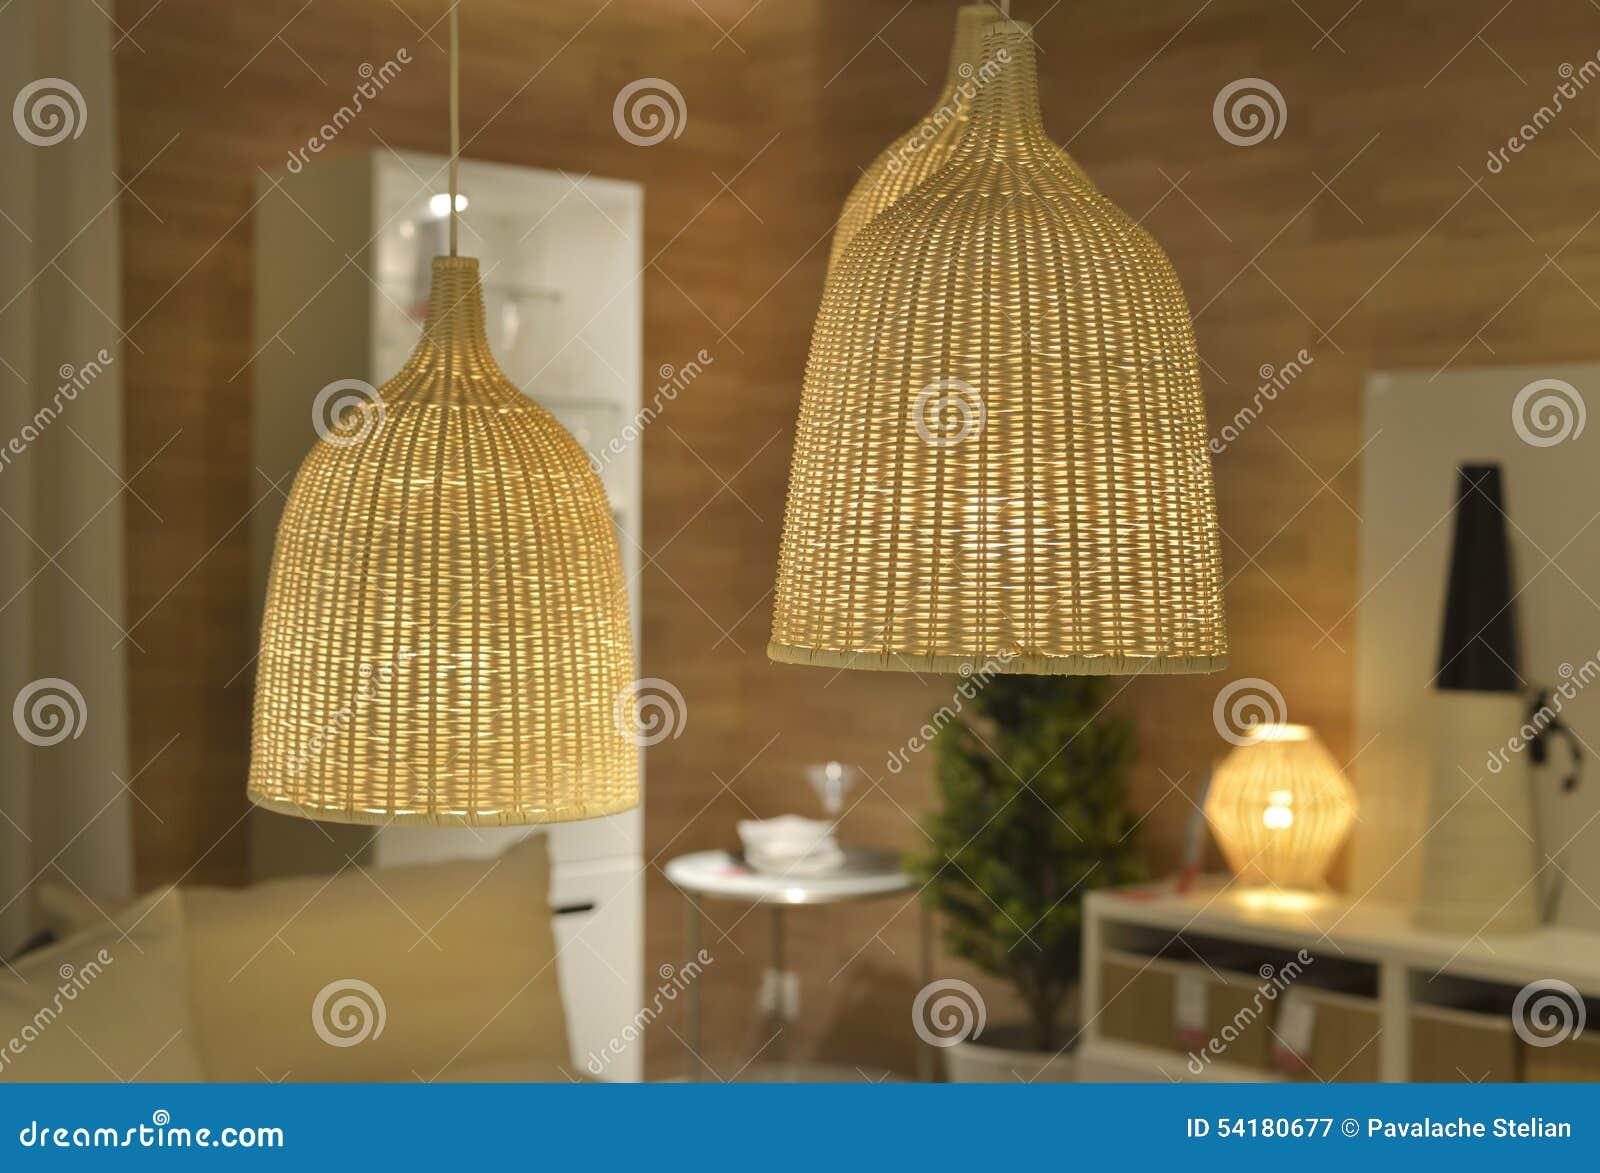 Retro Lampen In Een Eetkamer Stock Foto - Afbeelding: 54180677